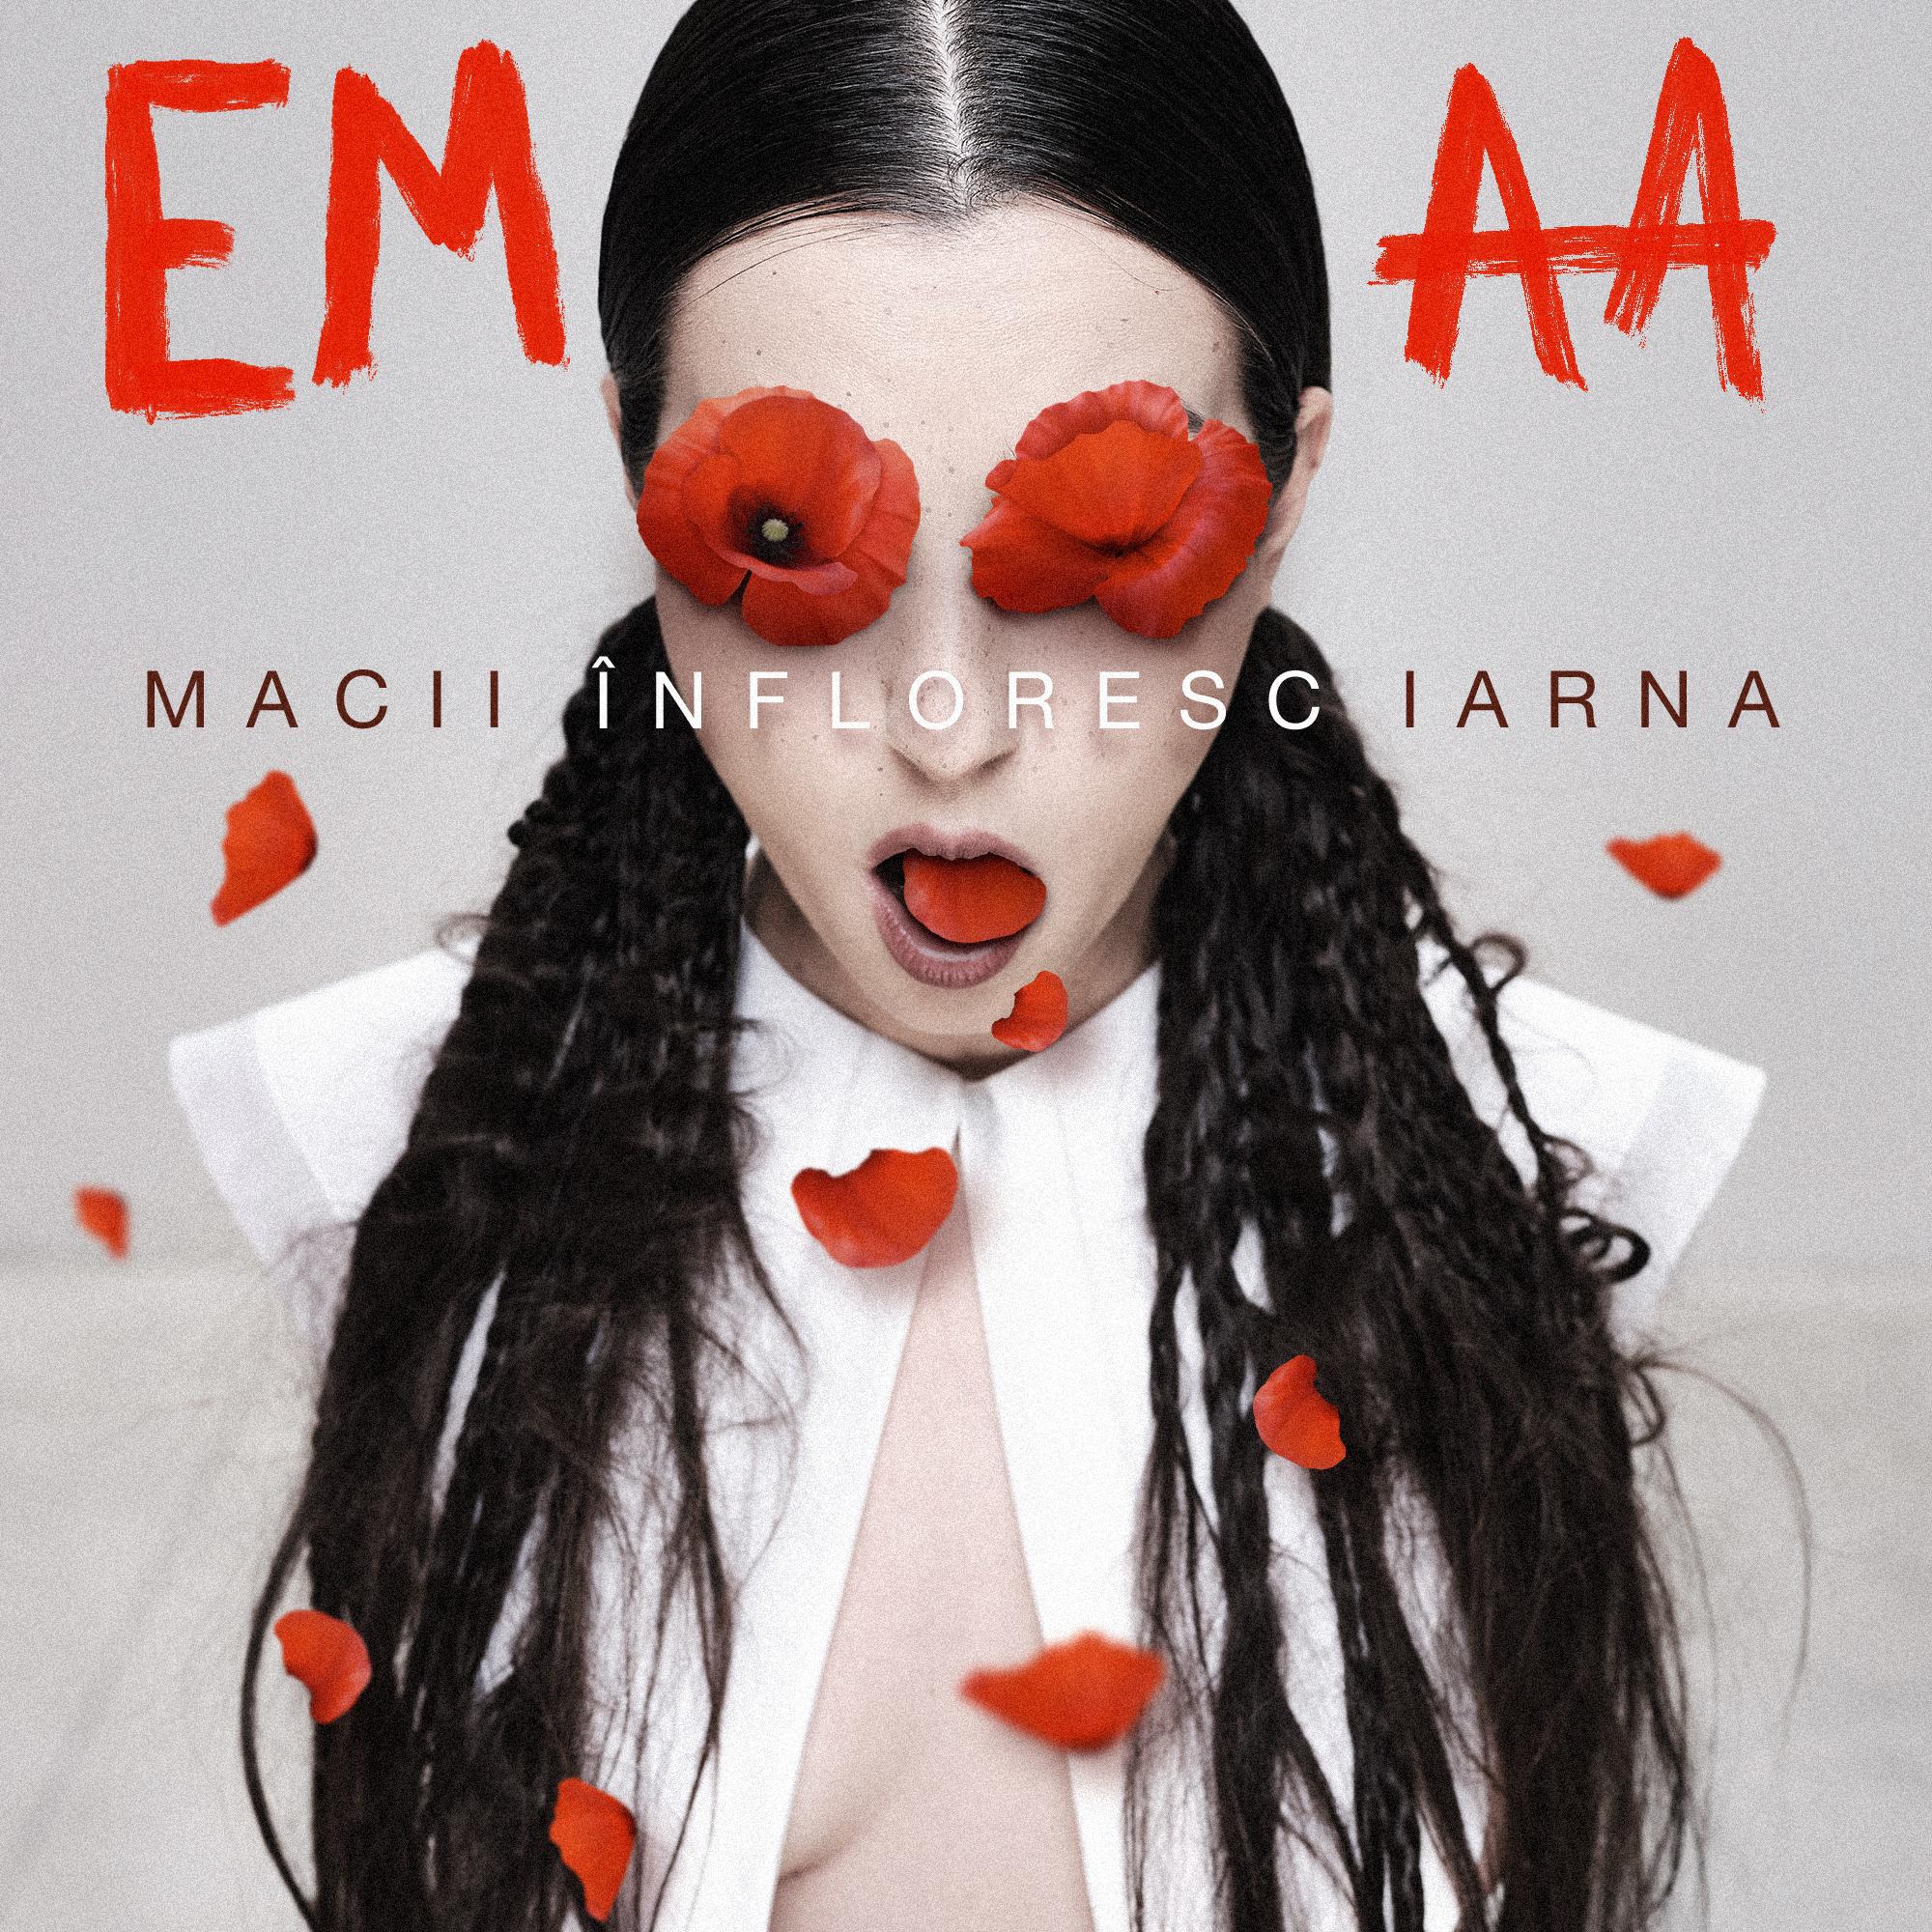 EMAA lansează primul său album, Macii înfloresc iarna, despre lucruri care nu se văd, dar se simt, și despre gânduri nespuse